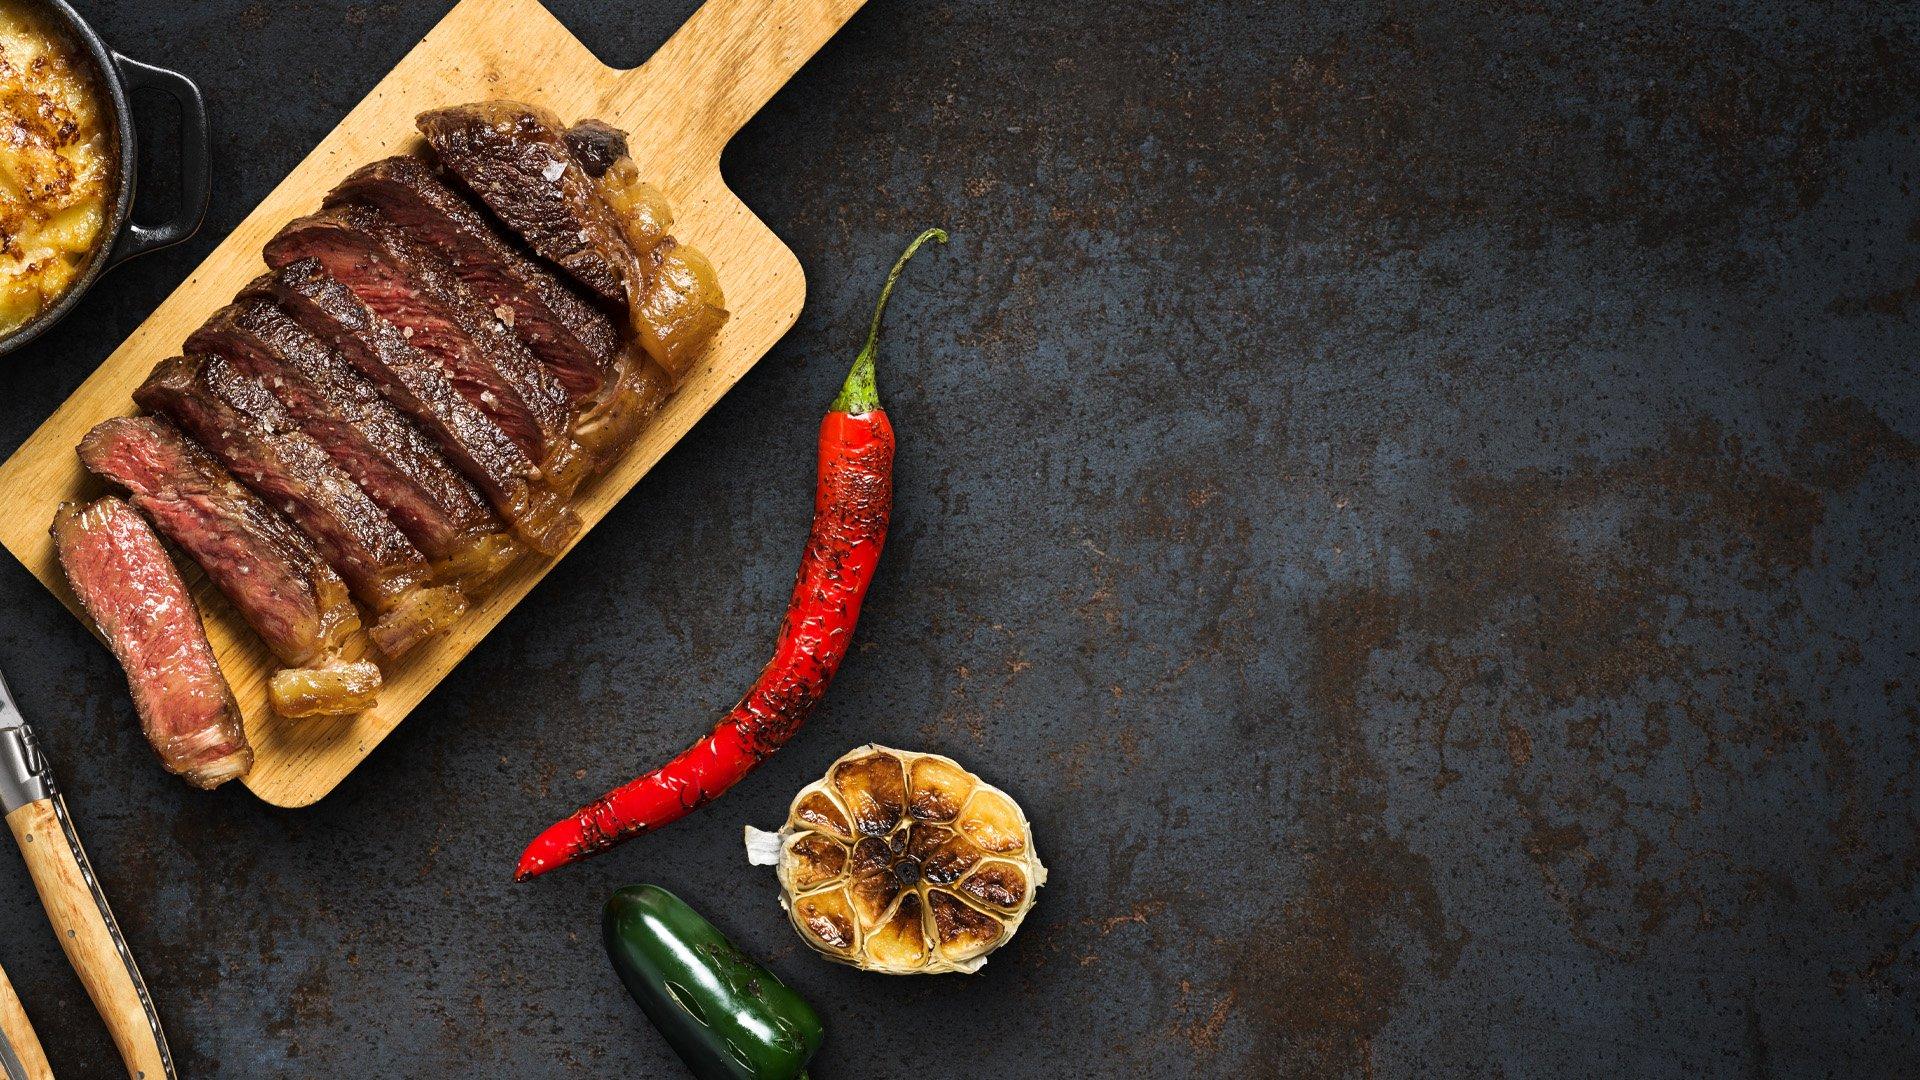 Bricka med kött från Närke Kött